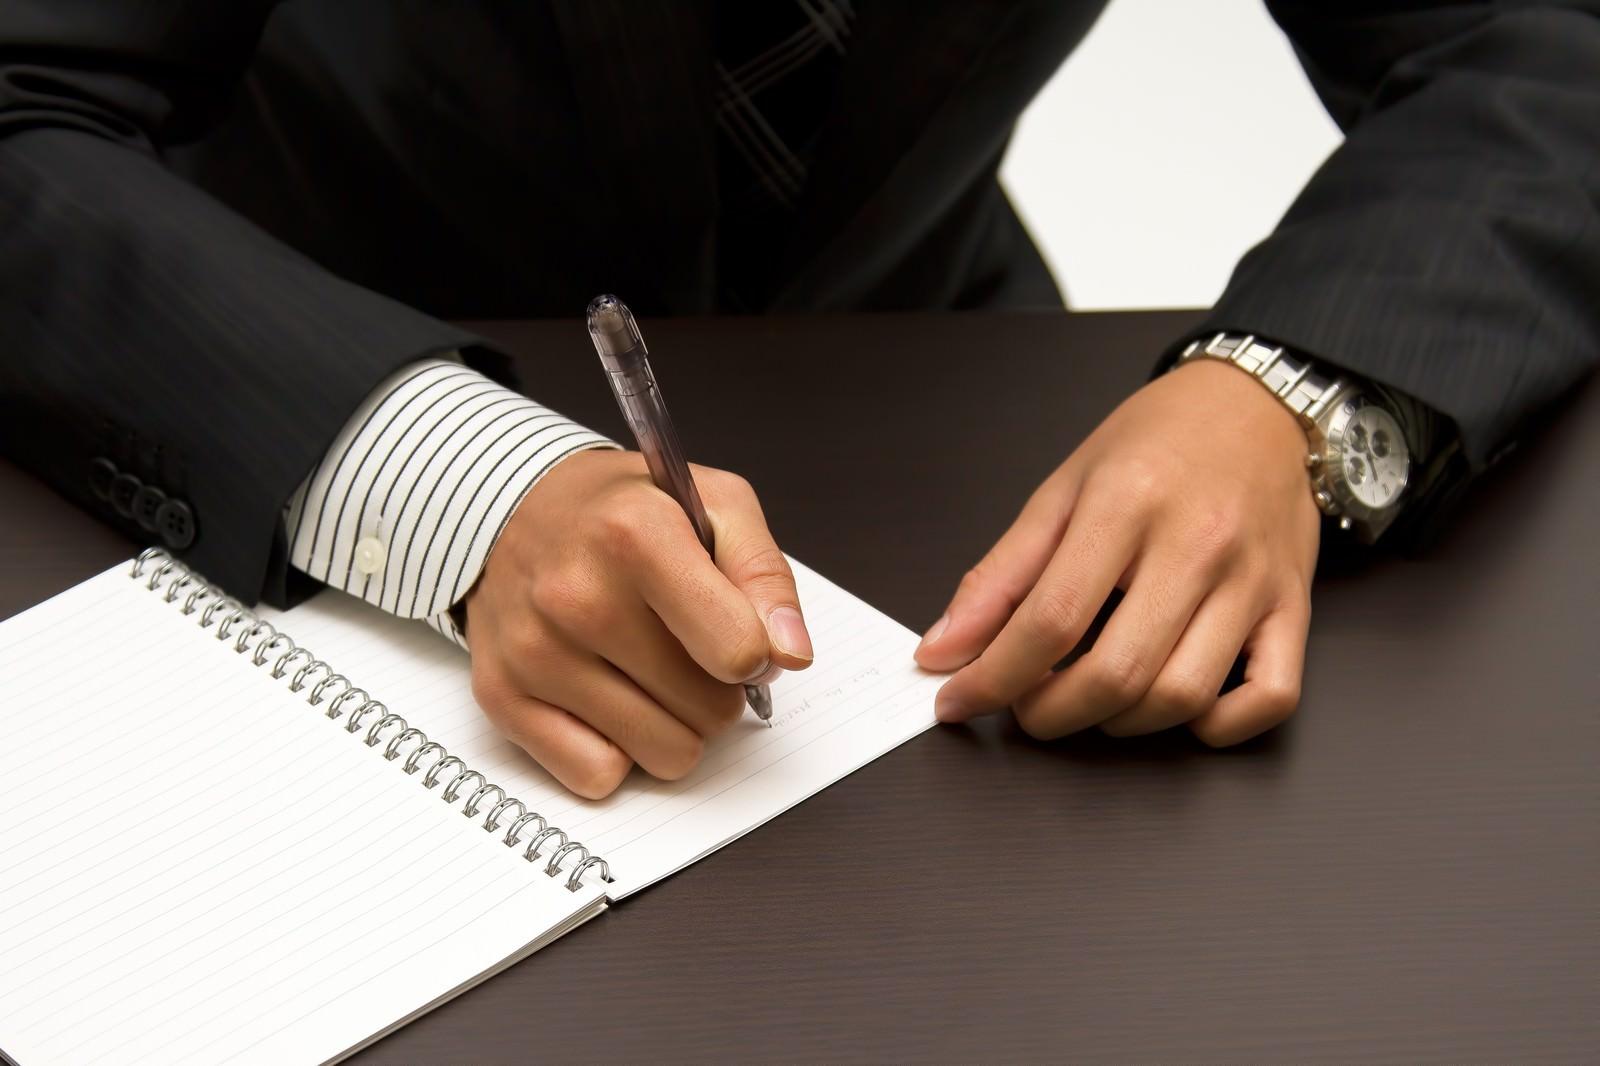 「ノートに書きこむビジネスマン」の写真